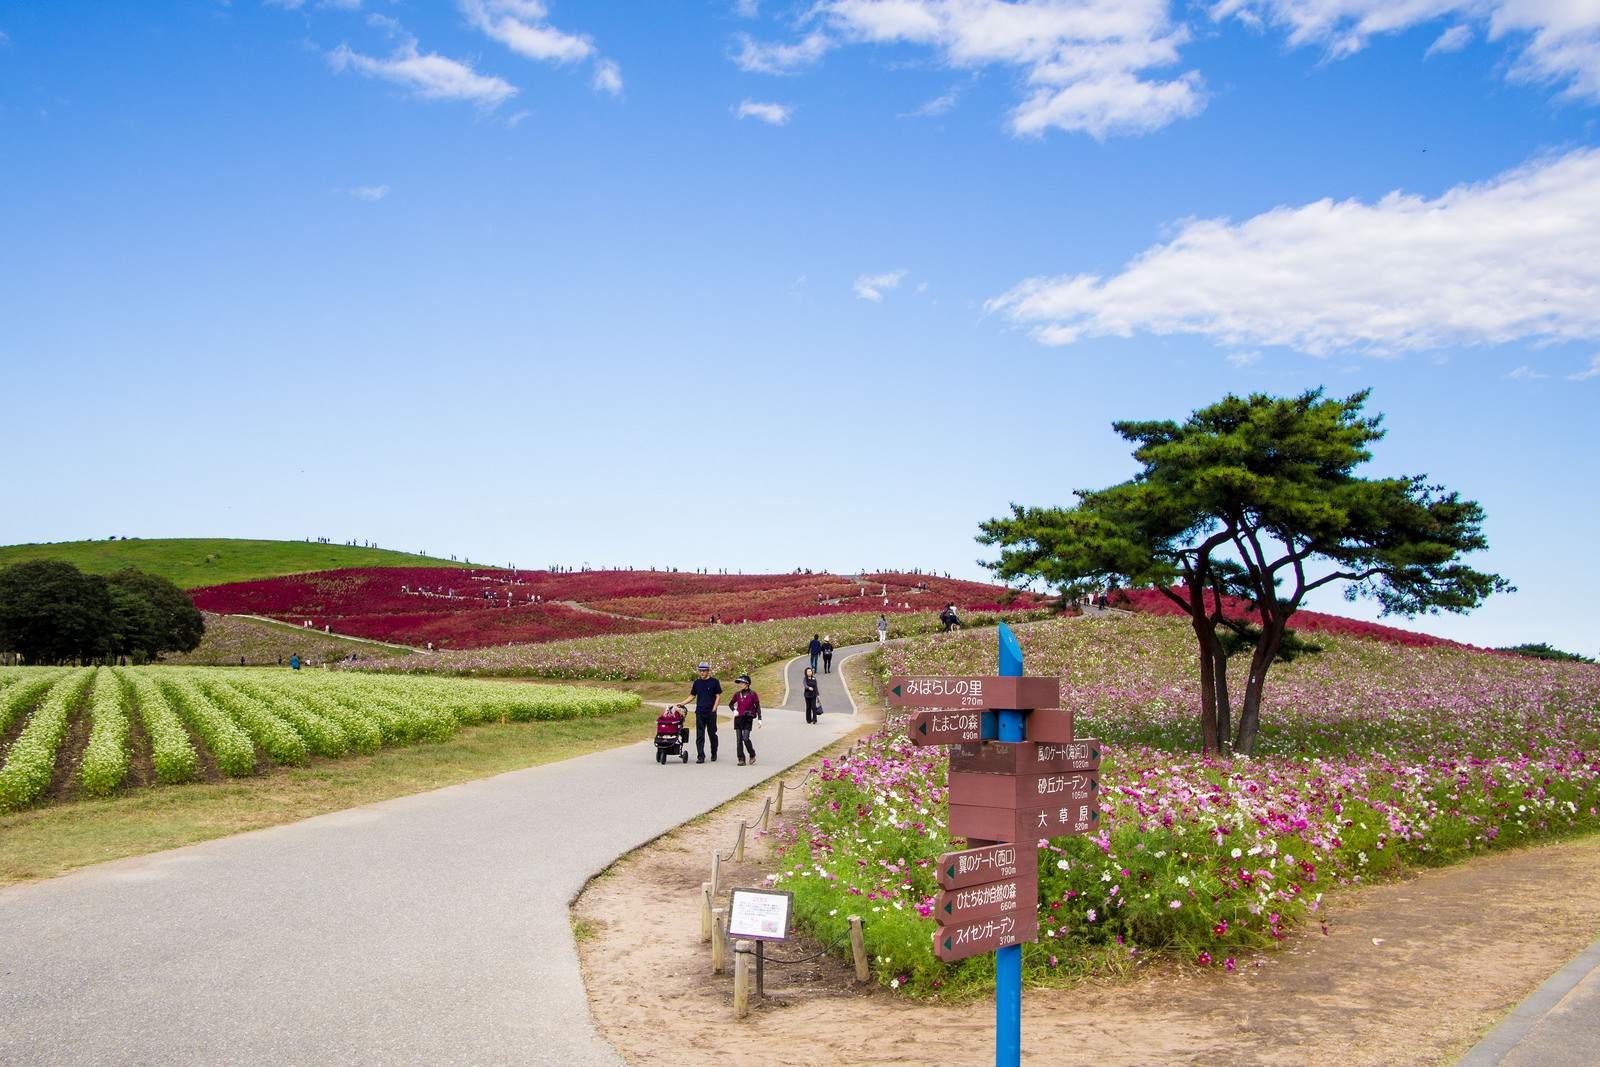 hitachi seaside park3 Hitachi Seaside Park, Hitachinaka, Japan